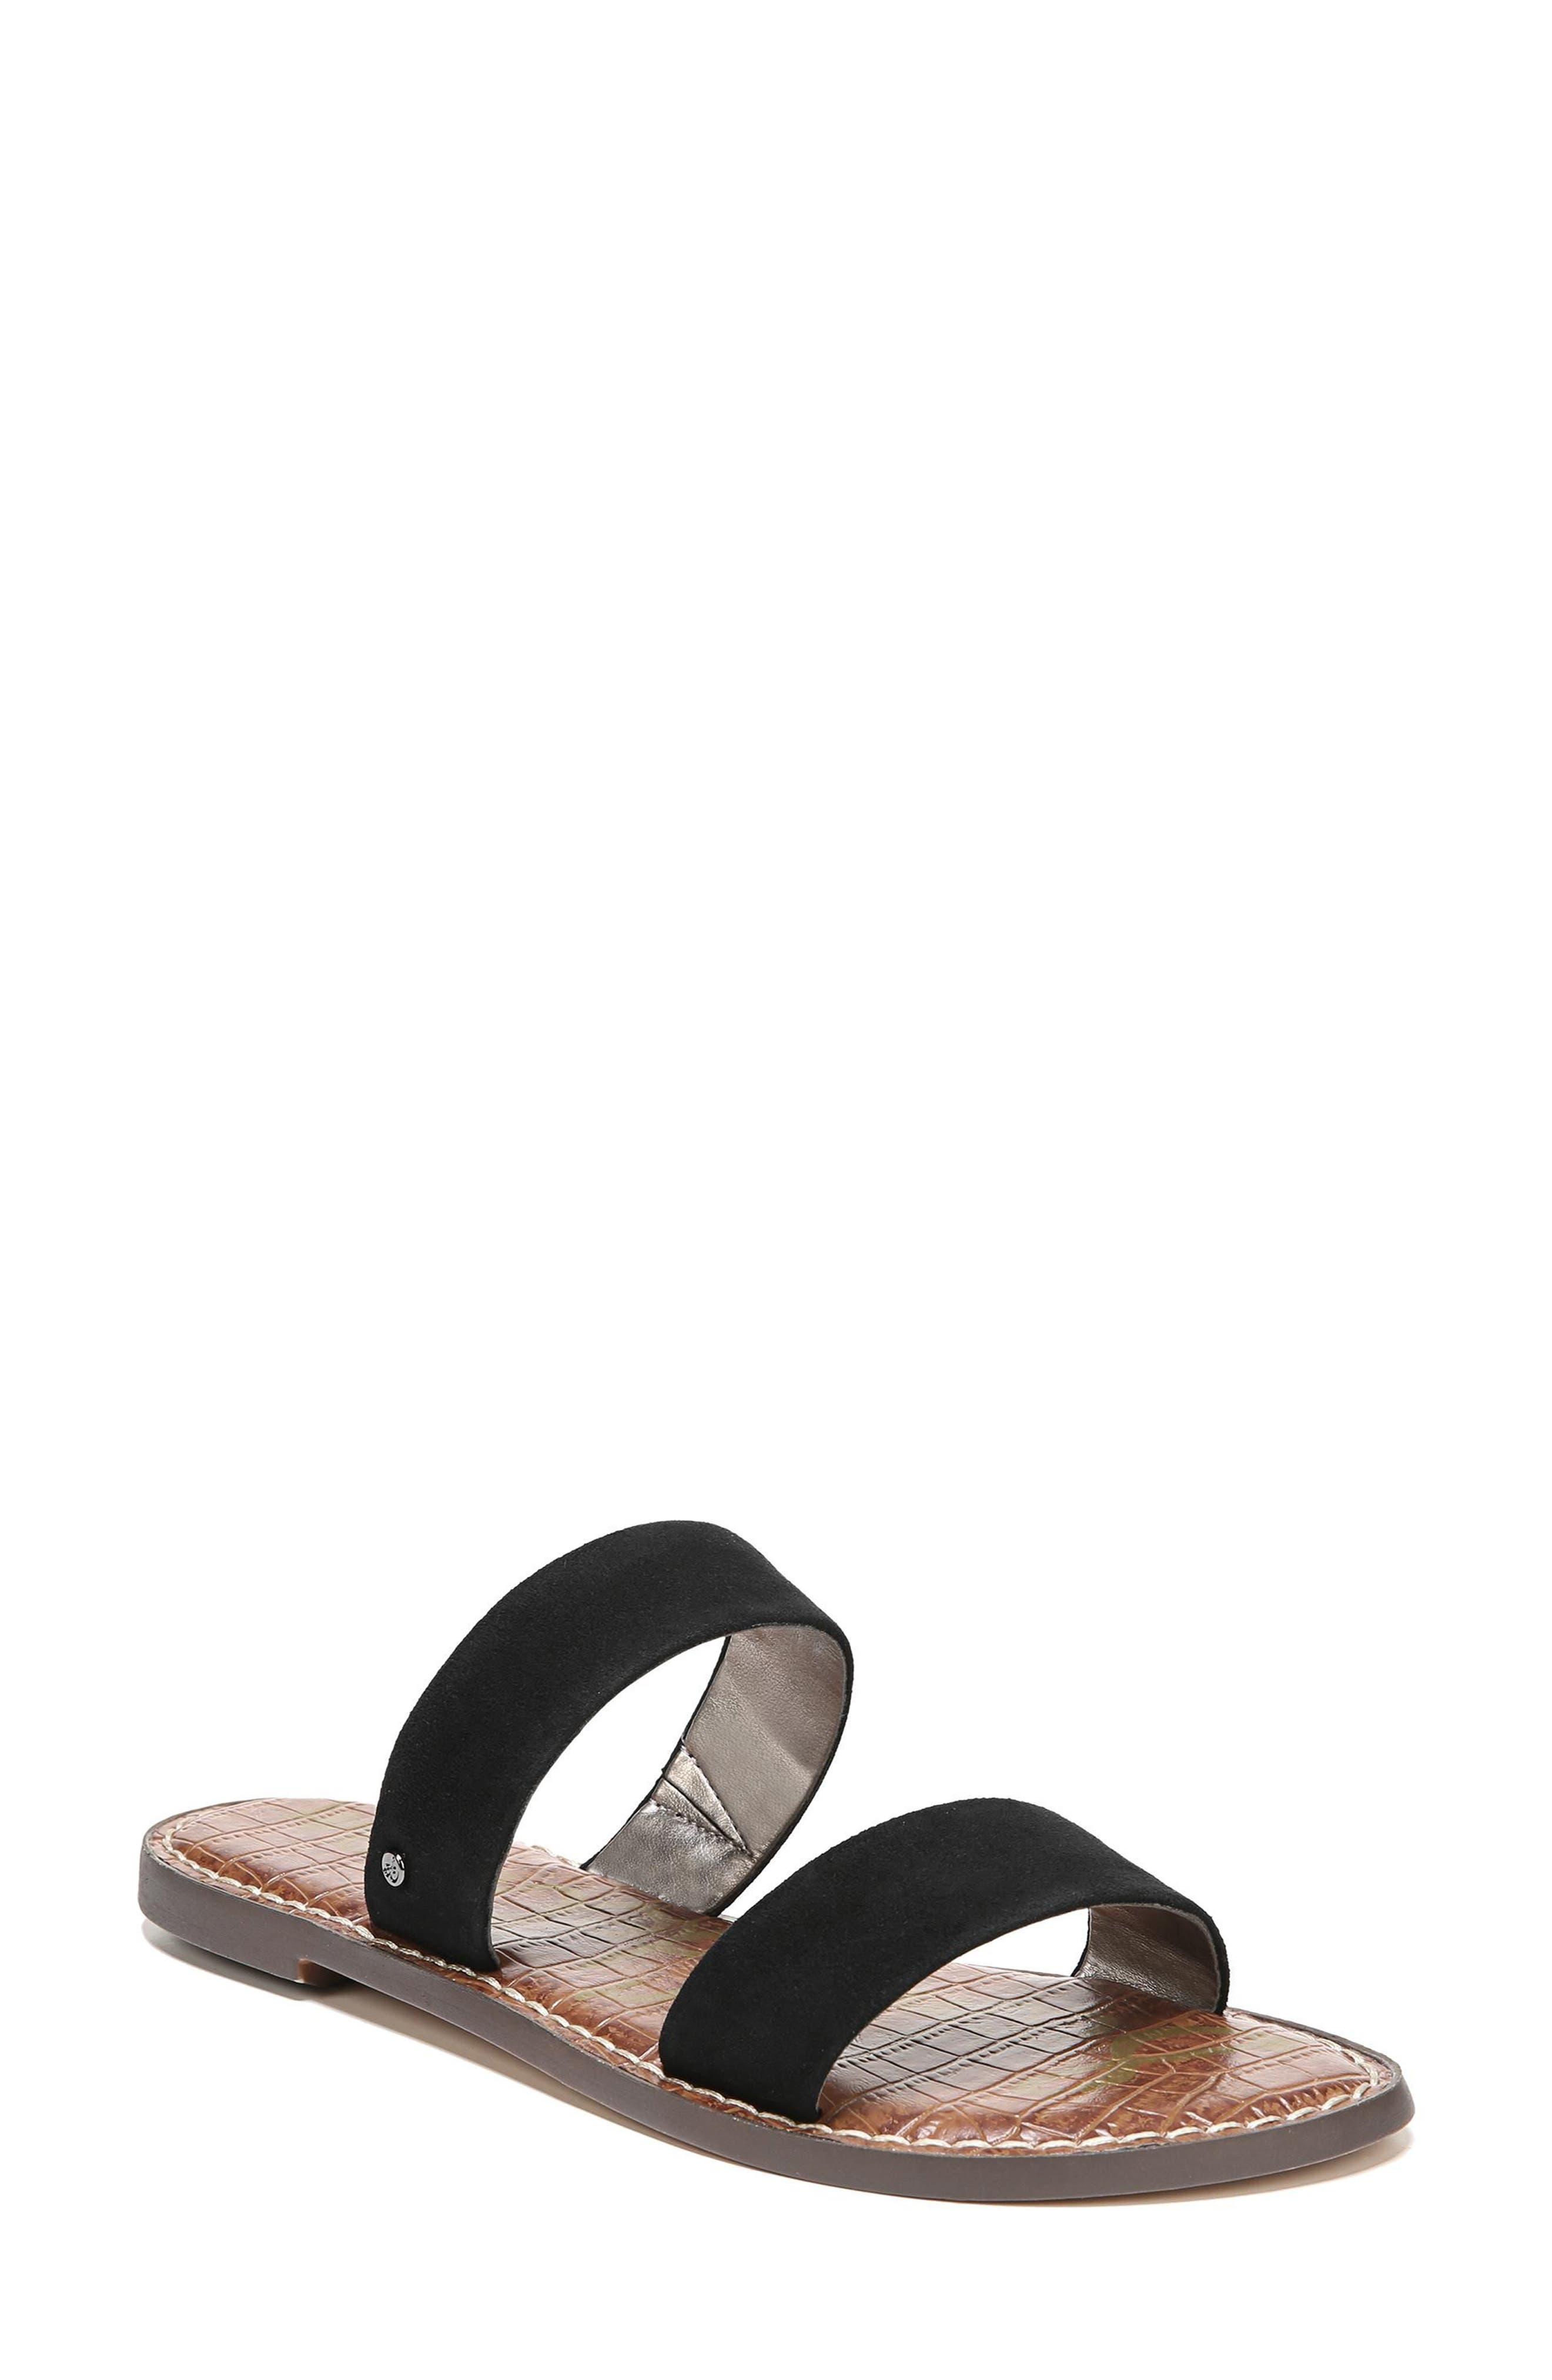 Gala Two Strap Slide Sandal,                         Main,                         color, BLACK SUEDE